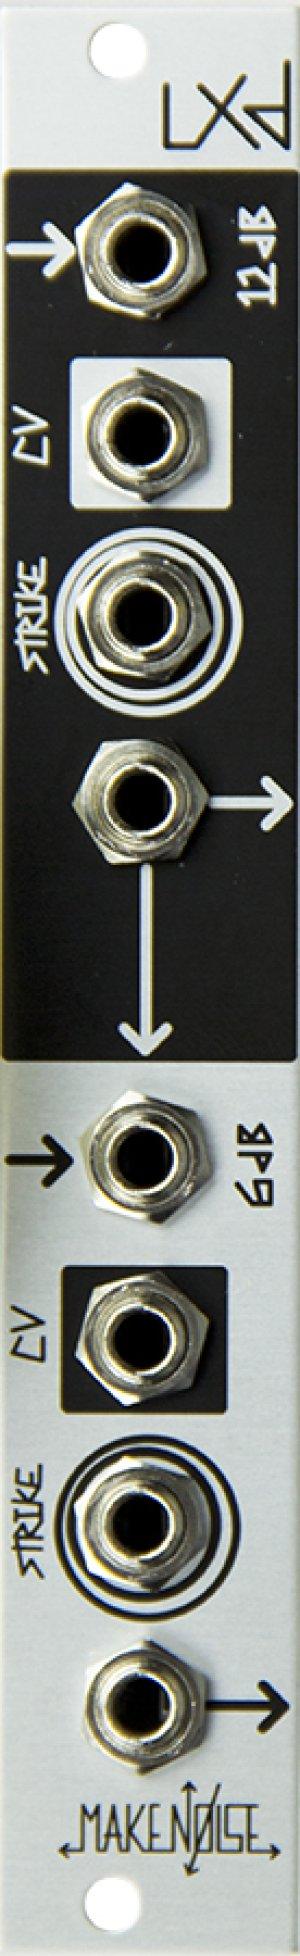 画像3: Make Noise LxD